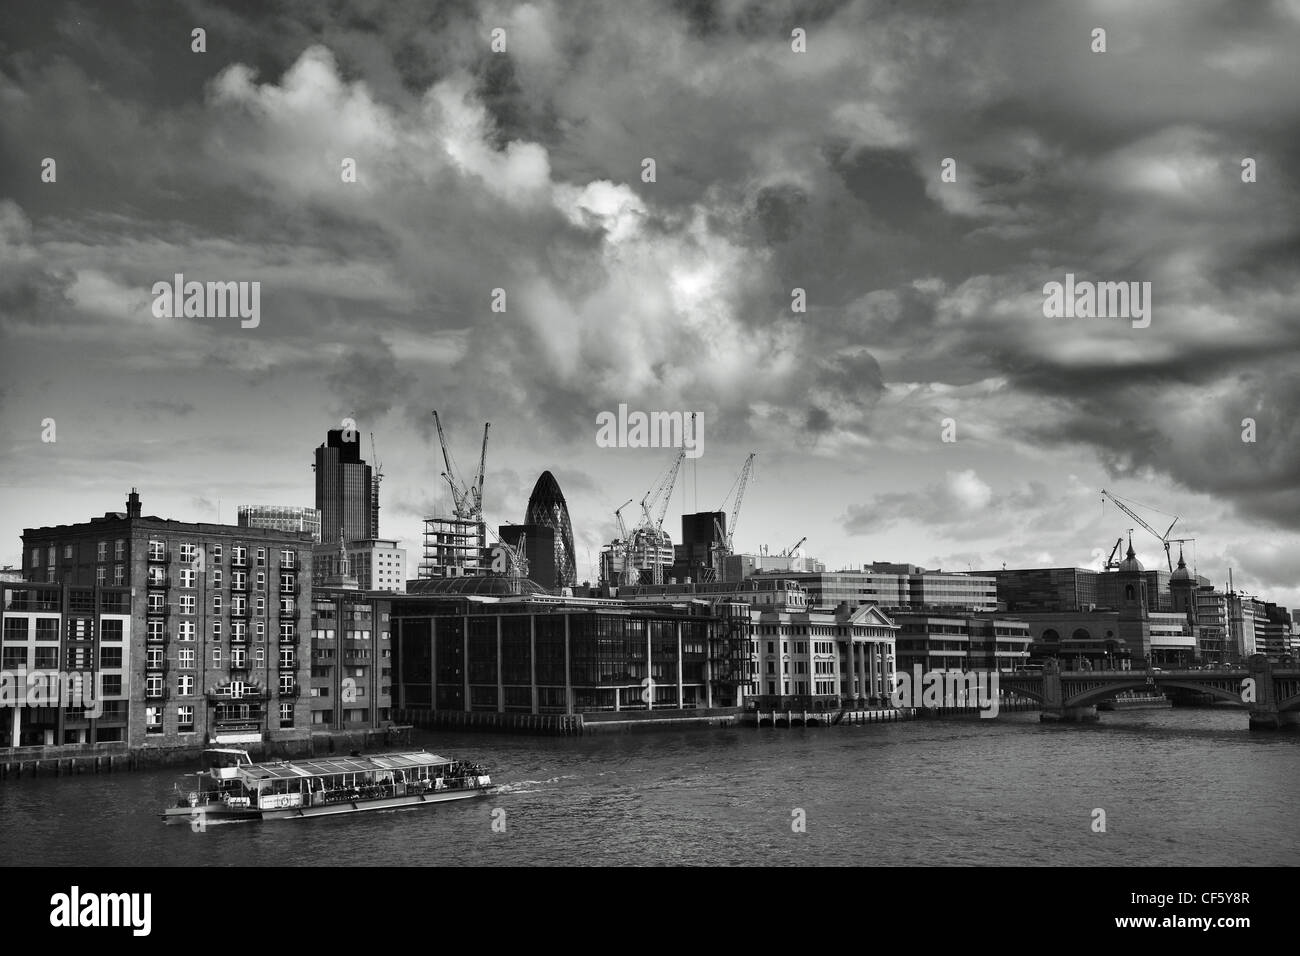 """Blick über den Fluss Themse in Richtung Londoner Wahrzeichen, """"Gherkin und Tower 42 (ehemals NatWest Tower), Stockbild"""